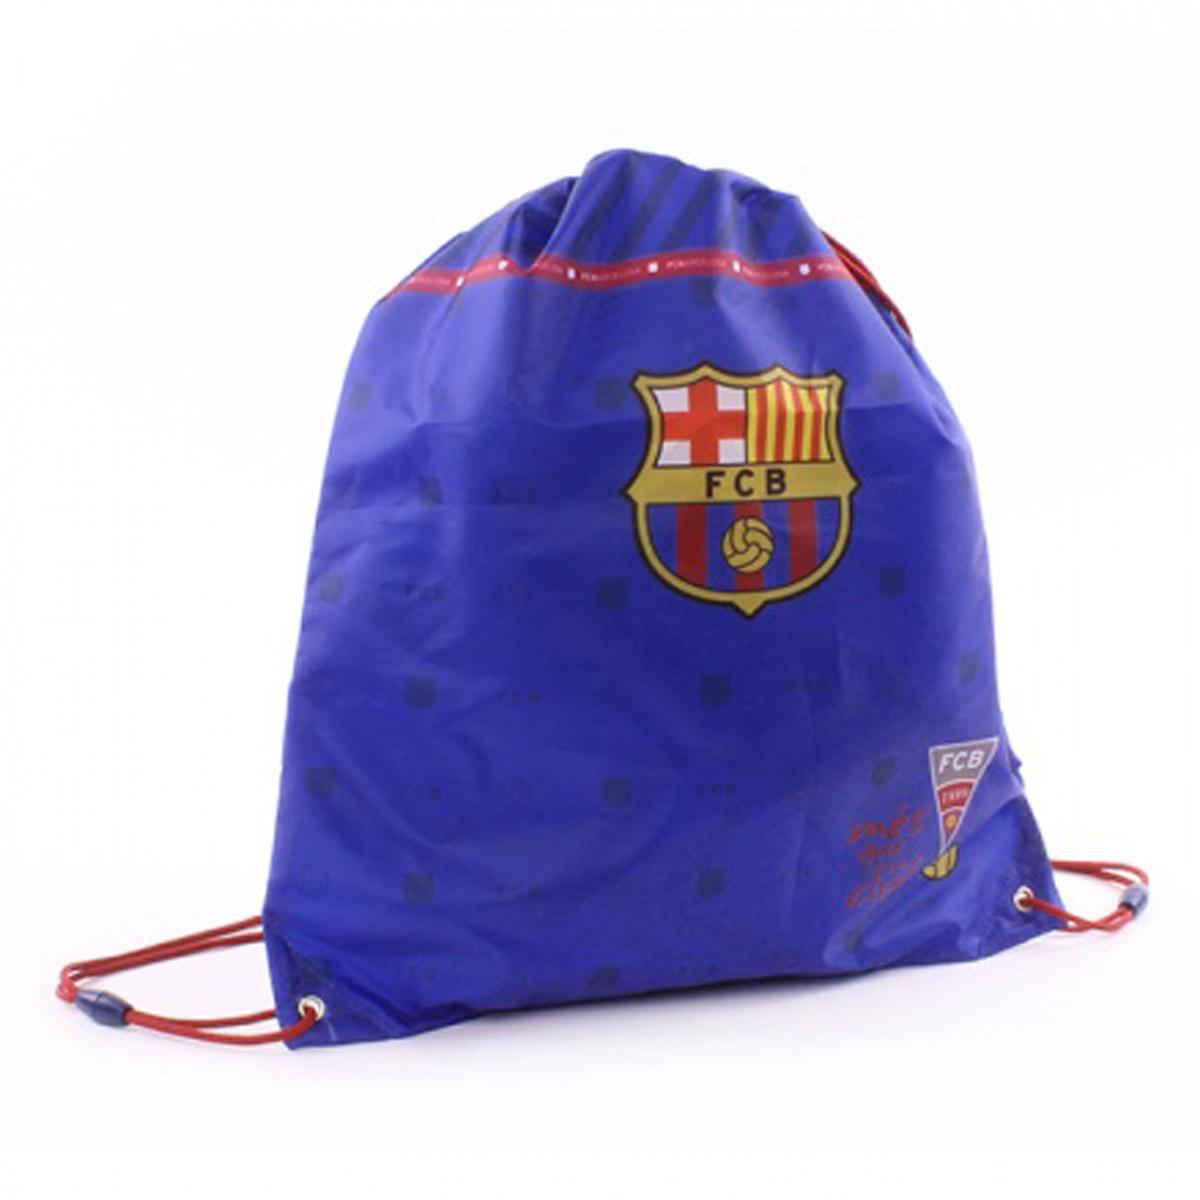 Sac de gym créateur \'FC Barcelona\' bleu - 44x37 cm - [Q3474]